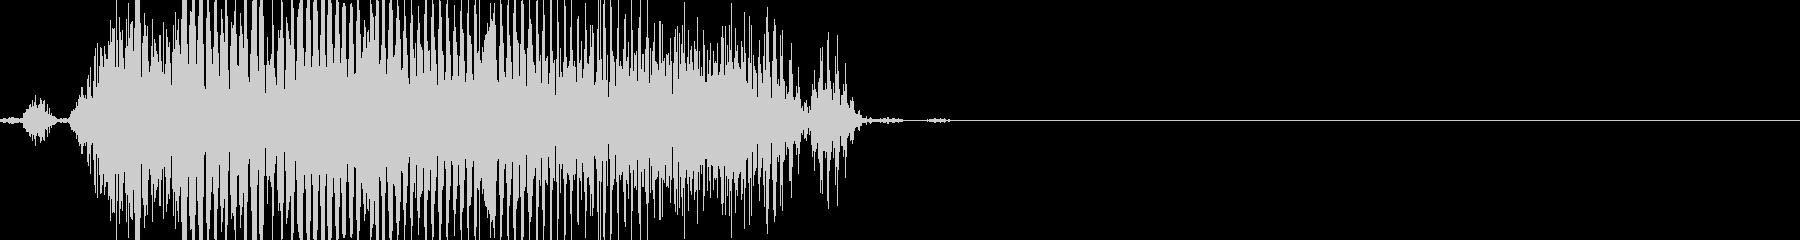 小型モンスターの鳴き声(威嚇)の未再生の波形